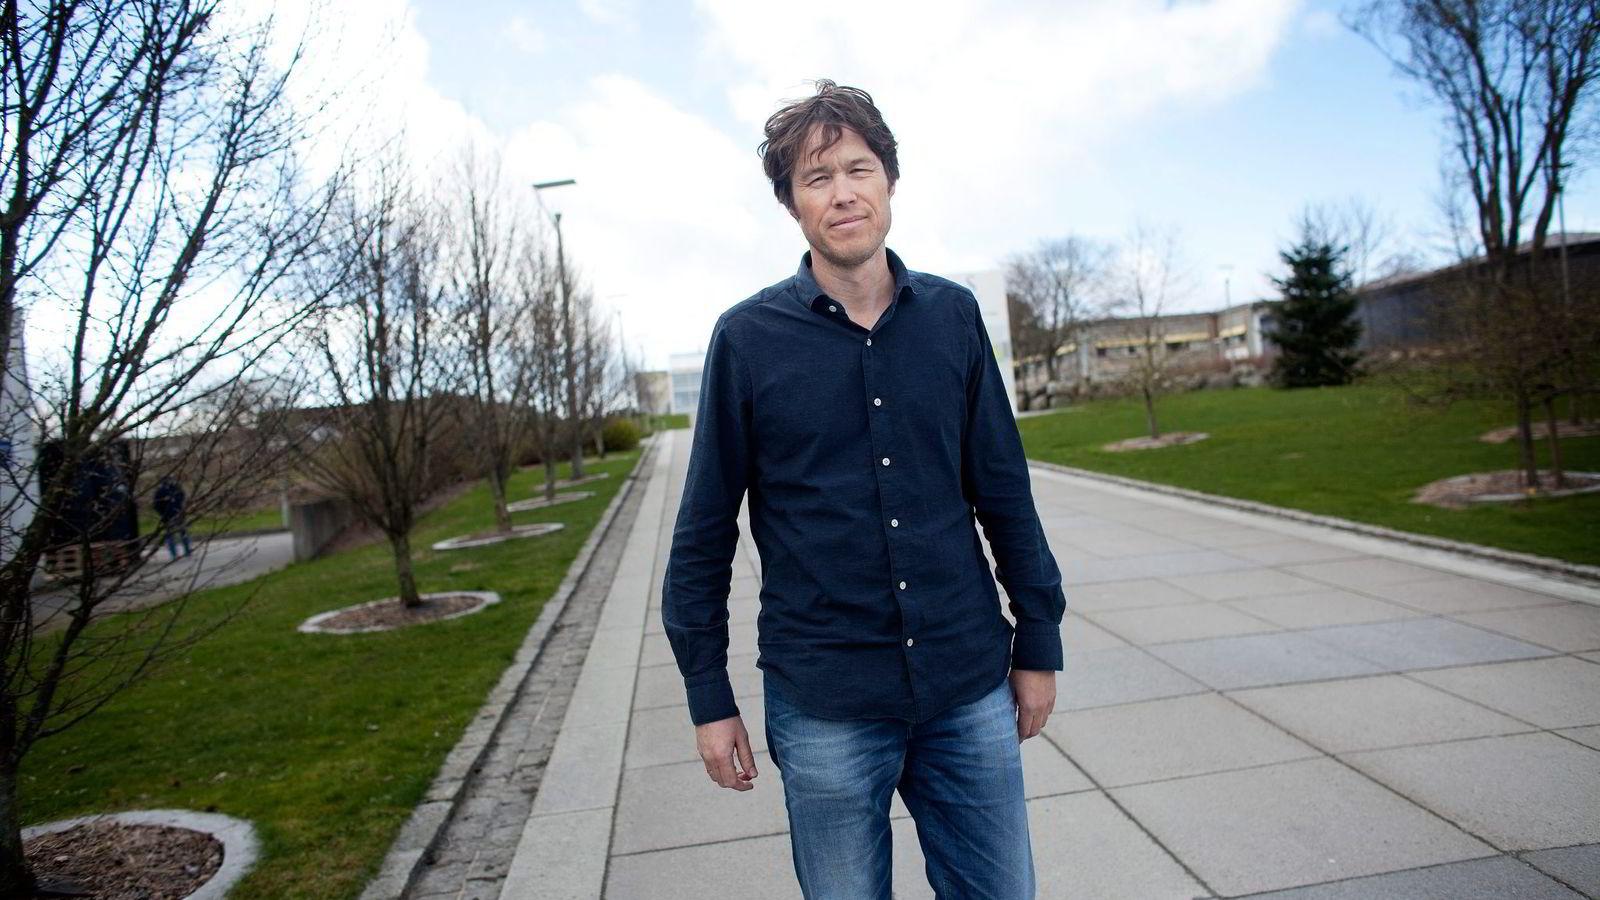 Økonomiprofessor Ola Kvaløy ved Universitetet i Stavanger mener det ikke er sammenheng mellom en topplassering blant aksjefond og verdiutviklingen i årene etterpå.